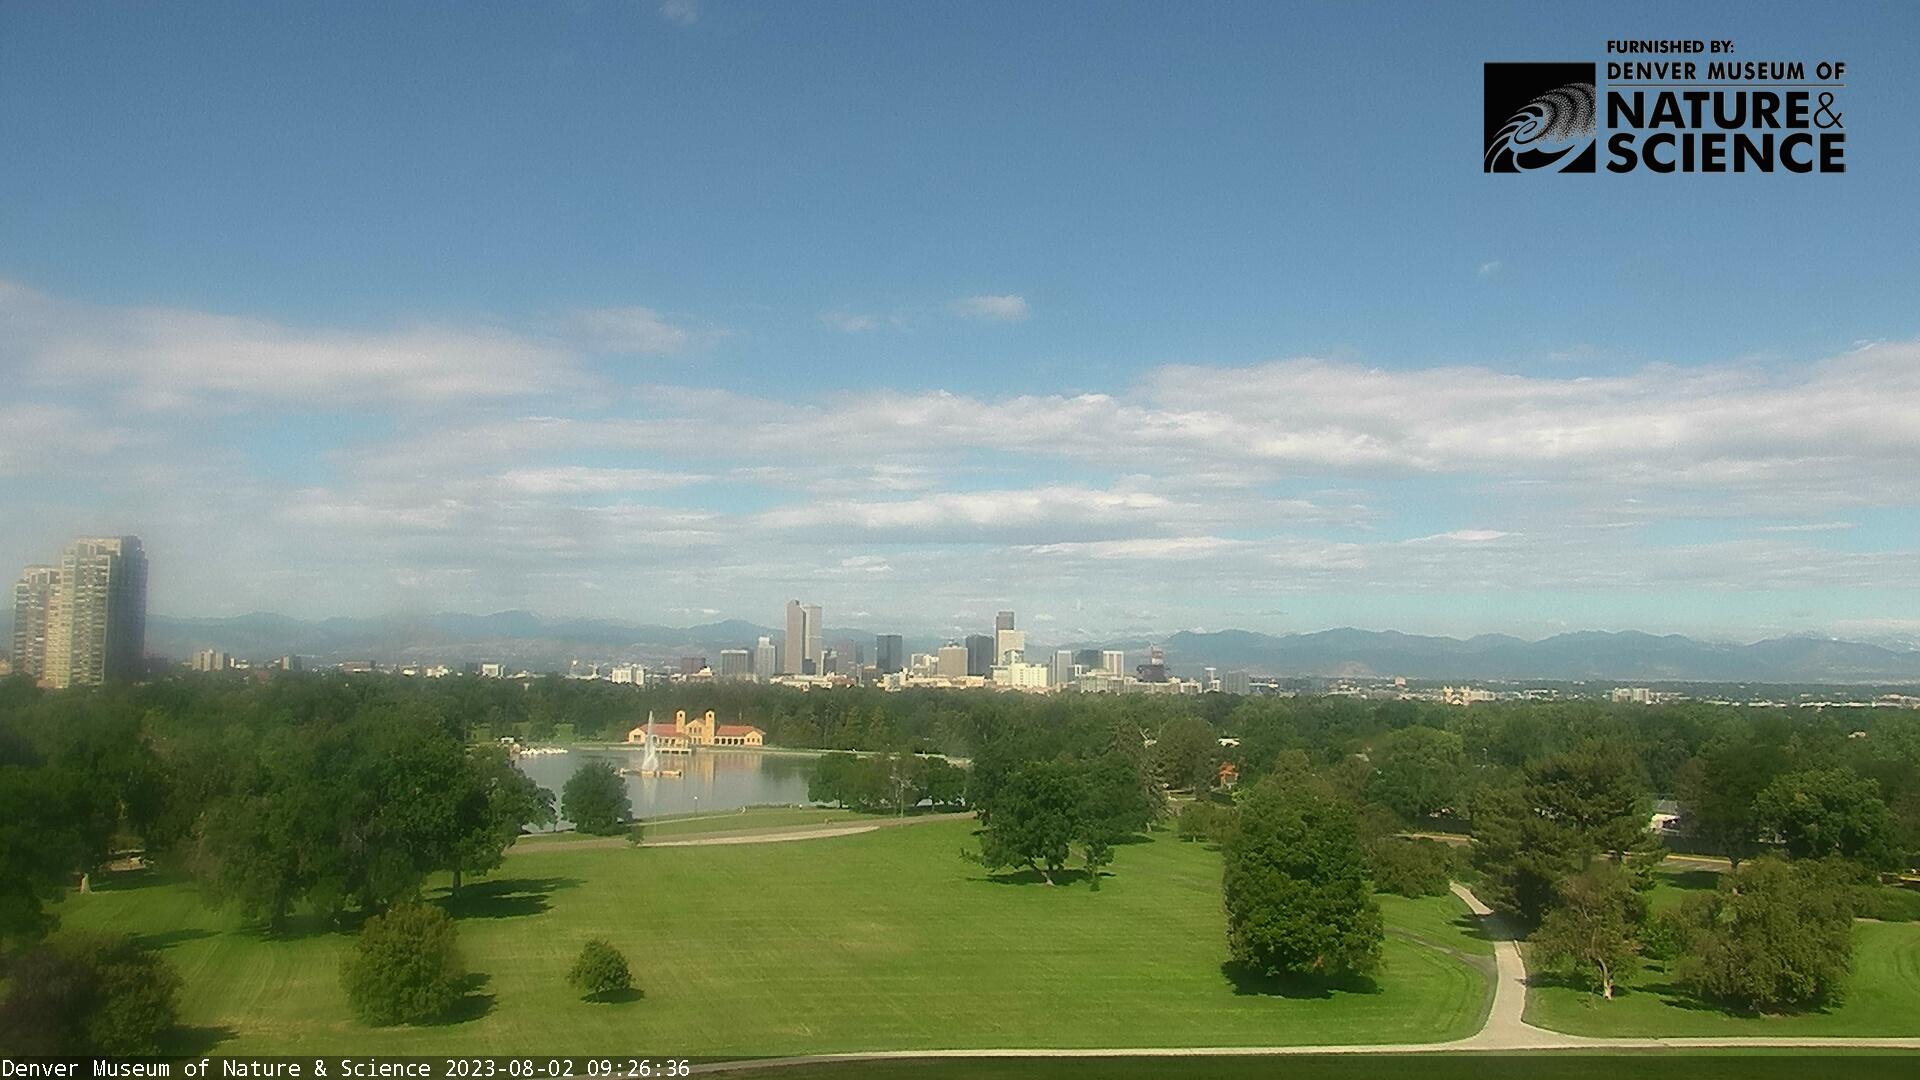 Denver, Colorado Sun. 09:29